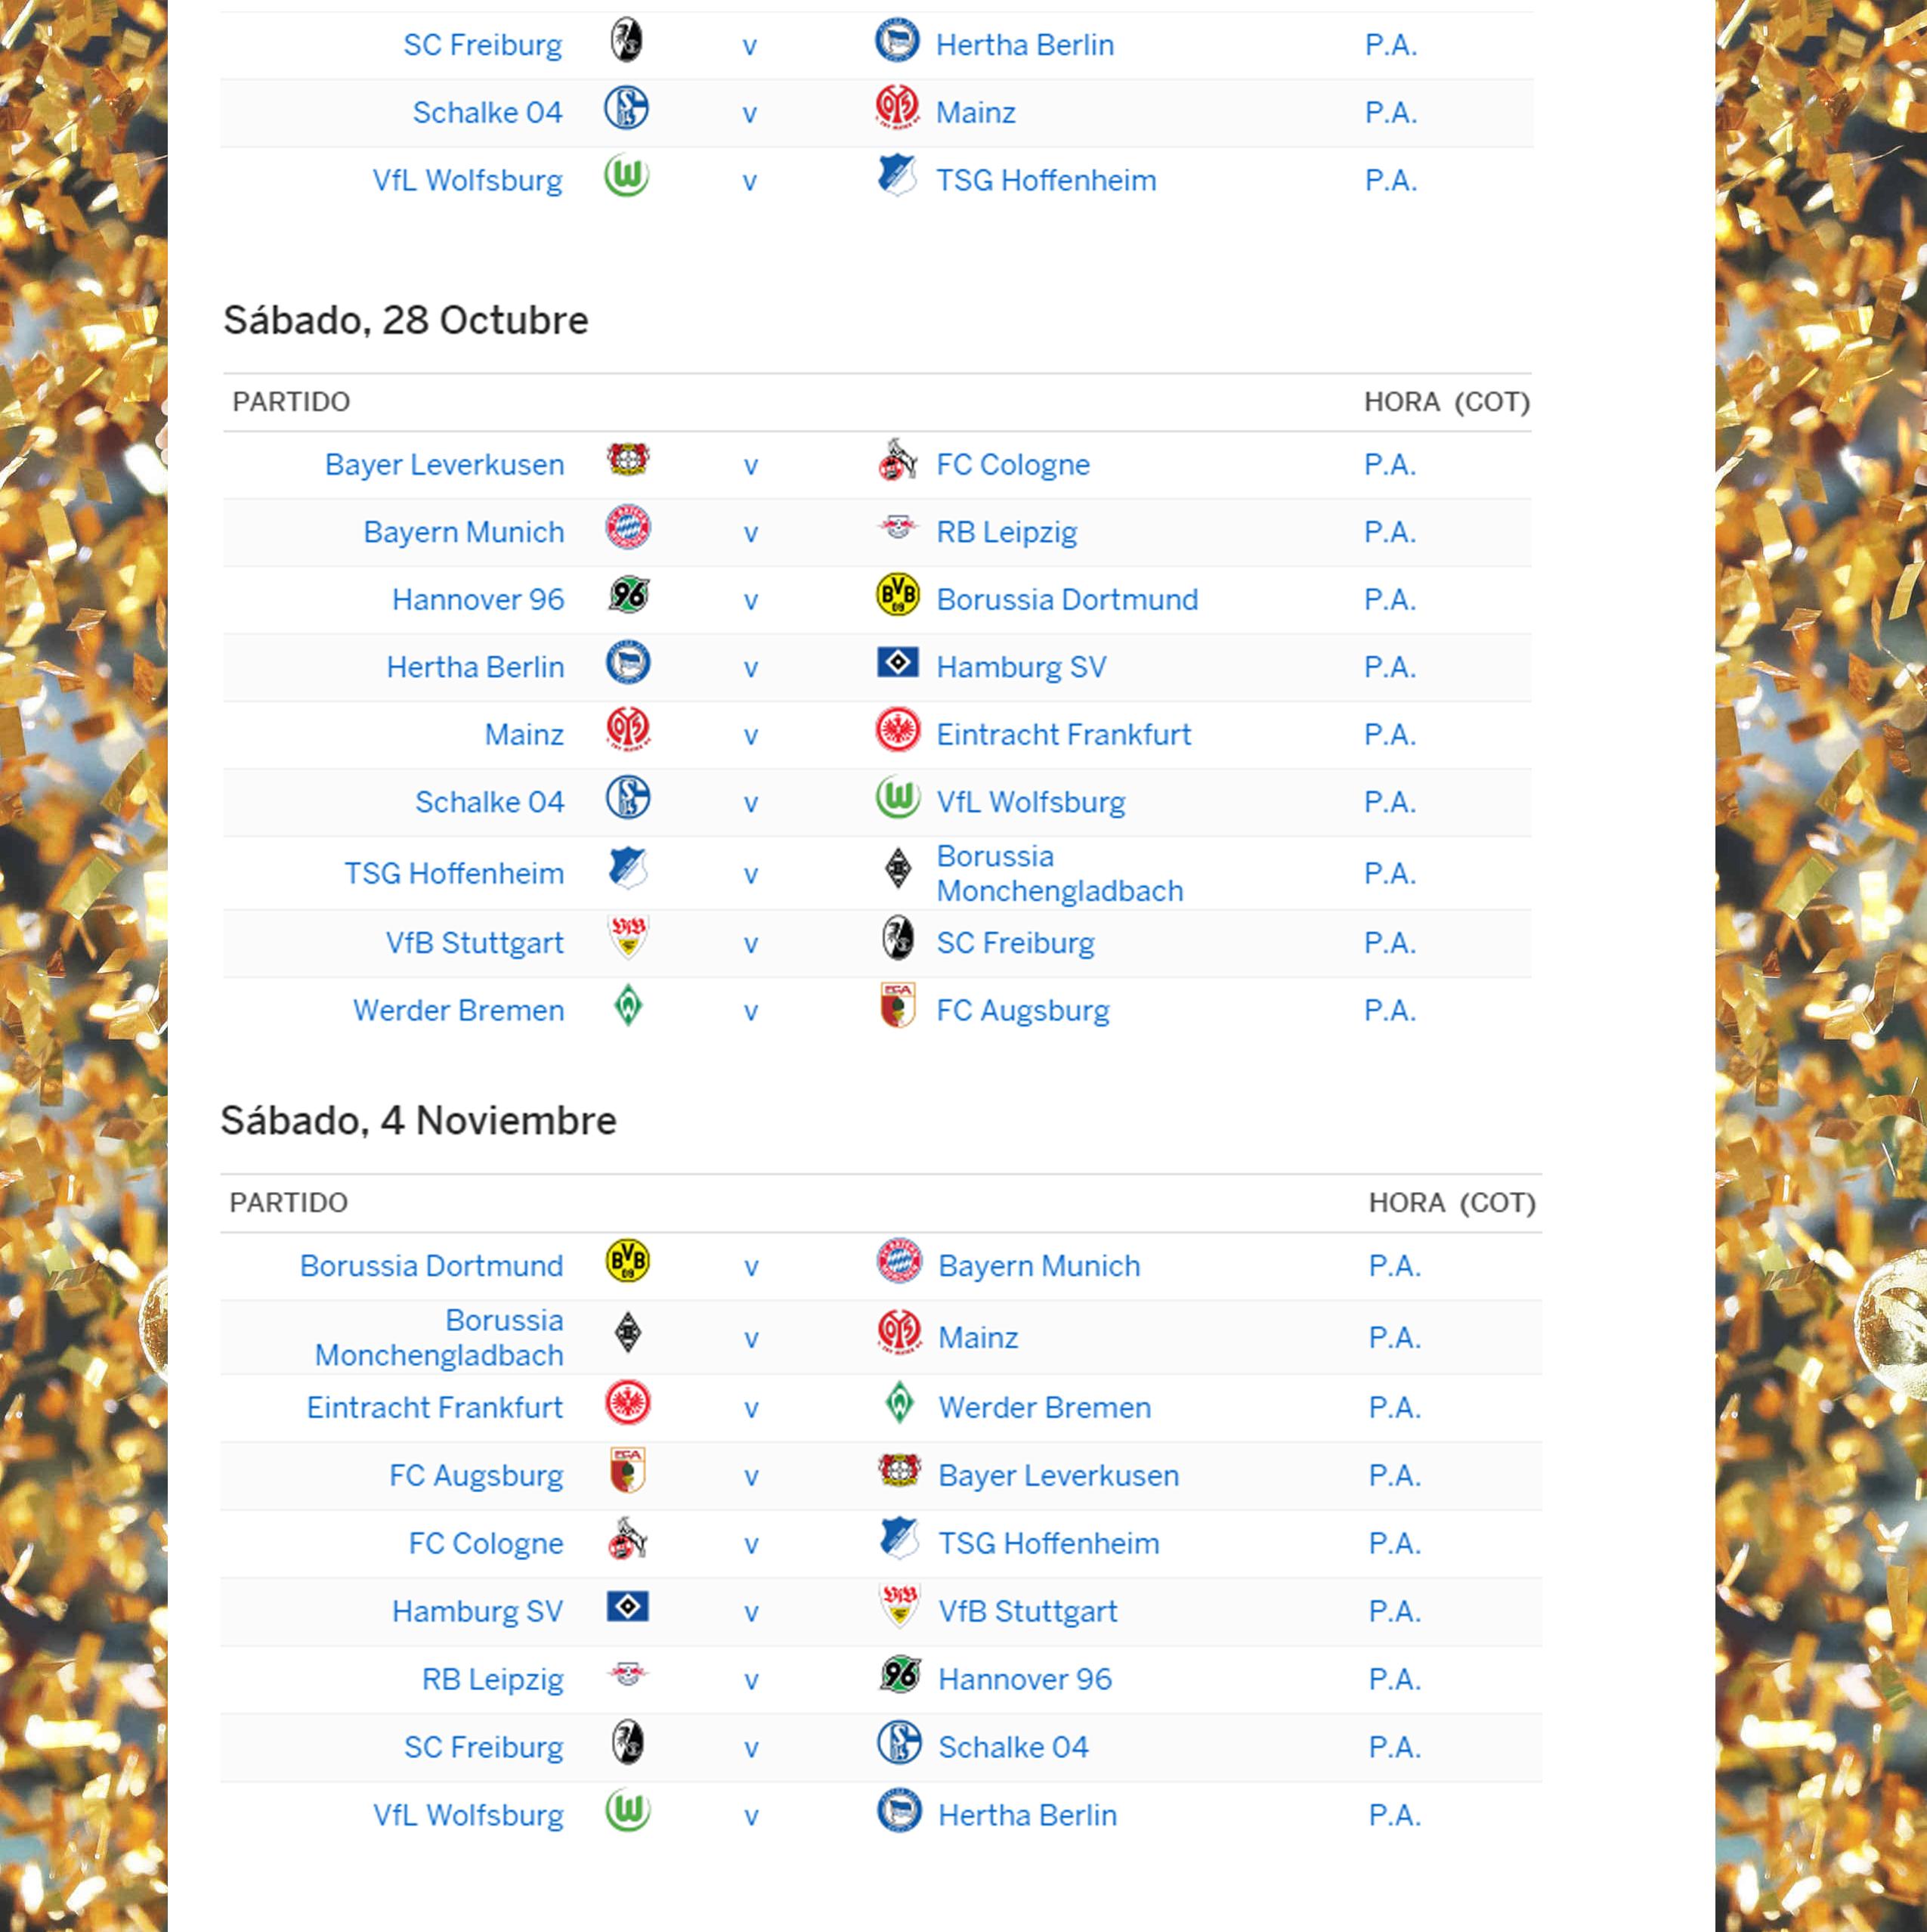 Bundesliga Calendario.Calendario De Bundesliga 2 Celetours